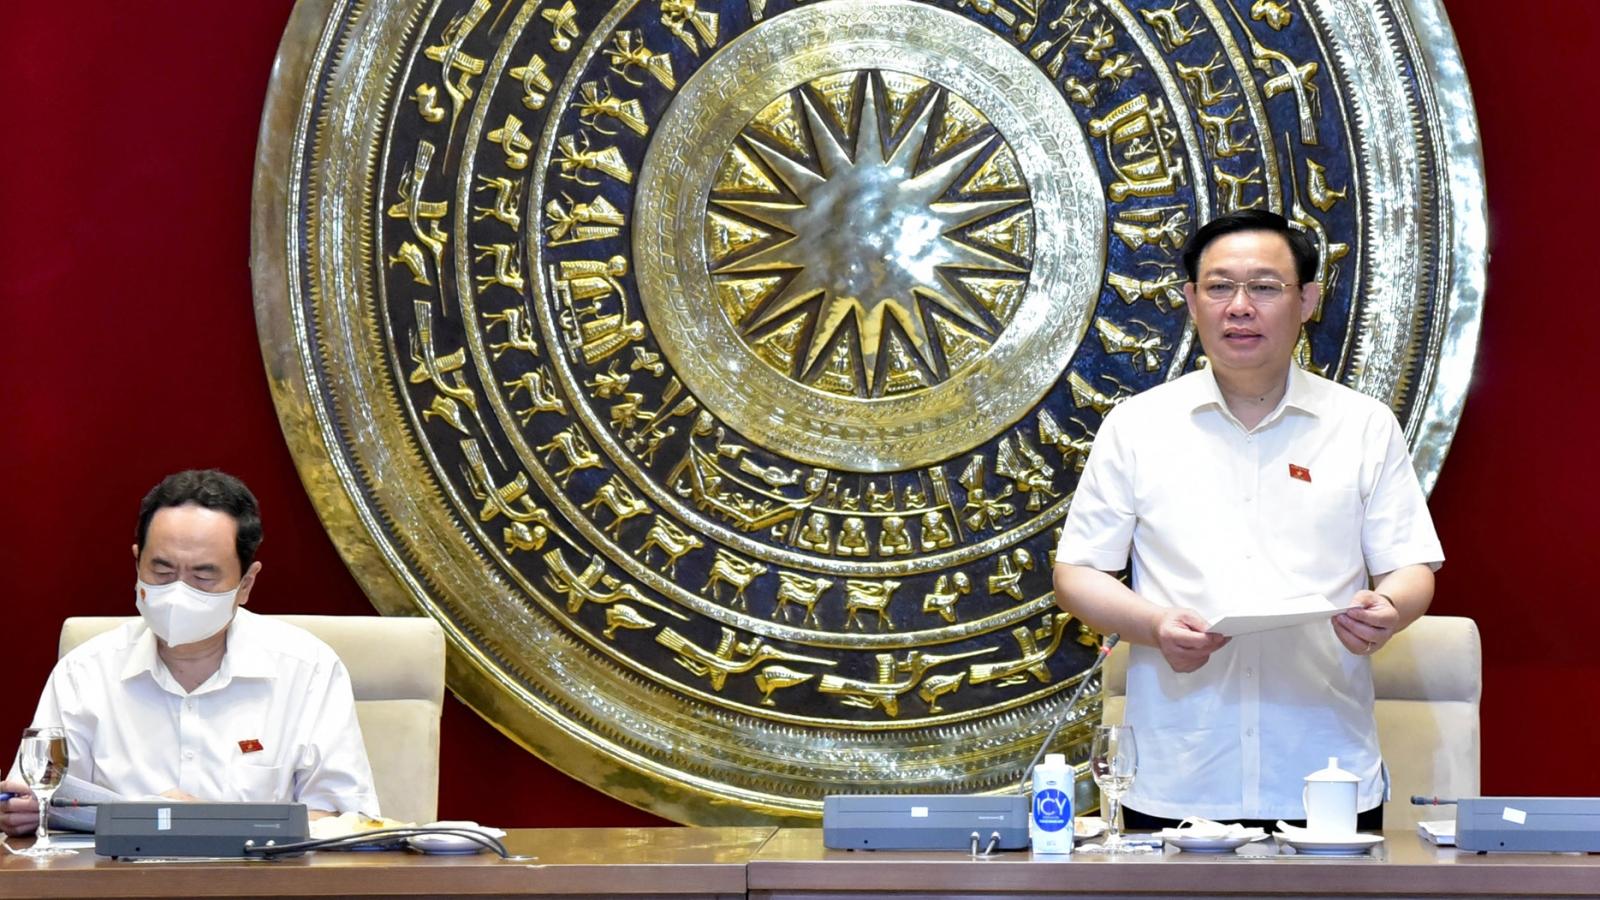 Ông Vương Đình Huệ: Nêu cao liêm chính trong tham mưu, phục vụ Quốc hội